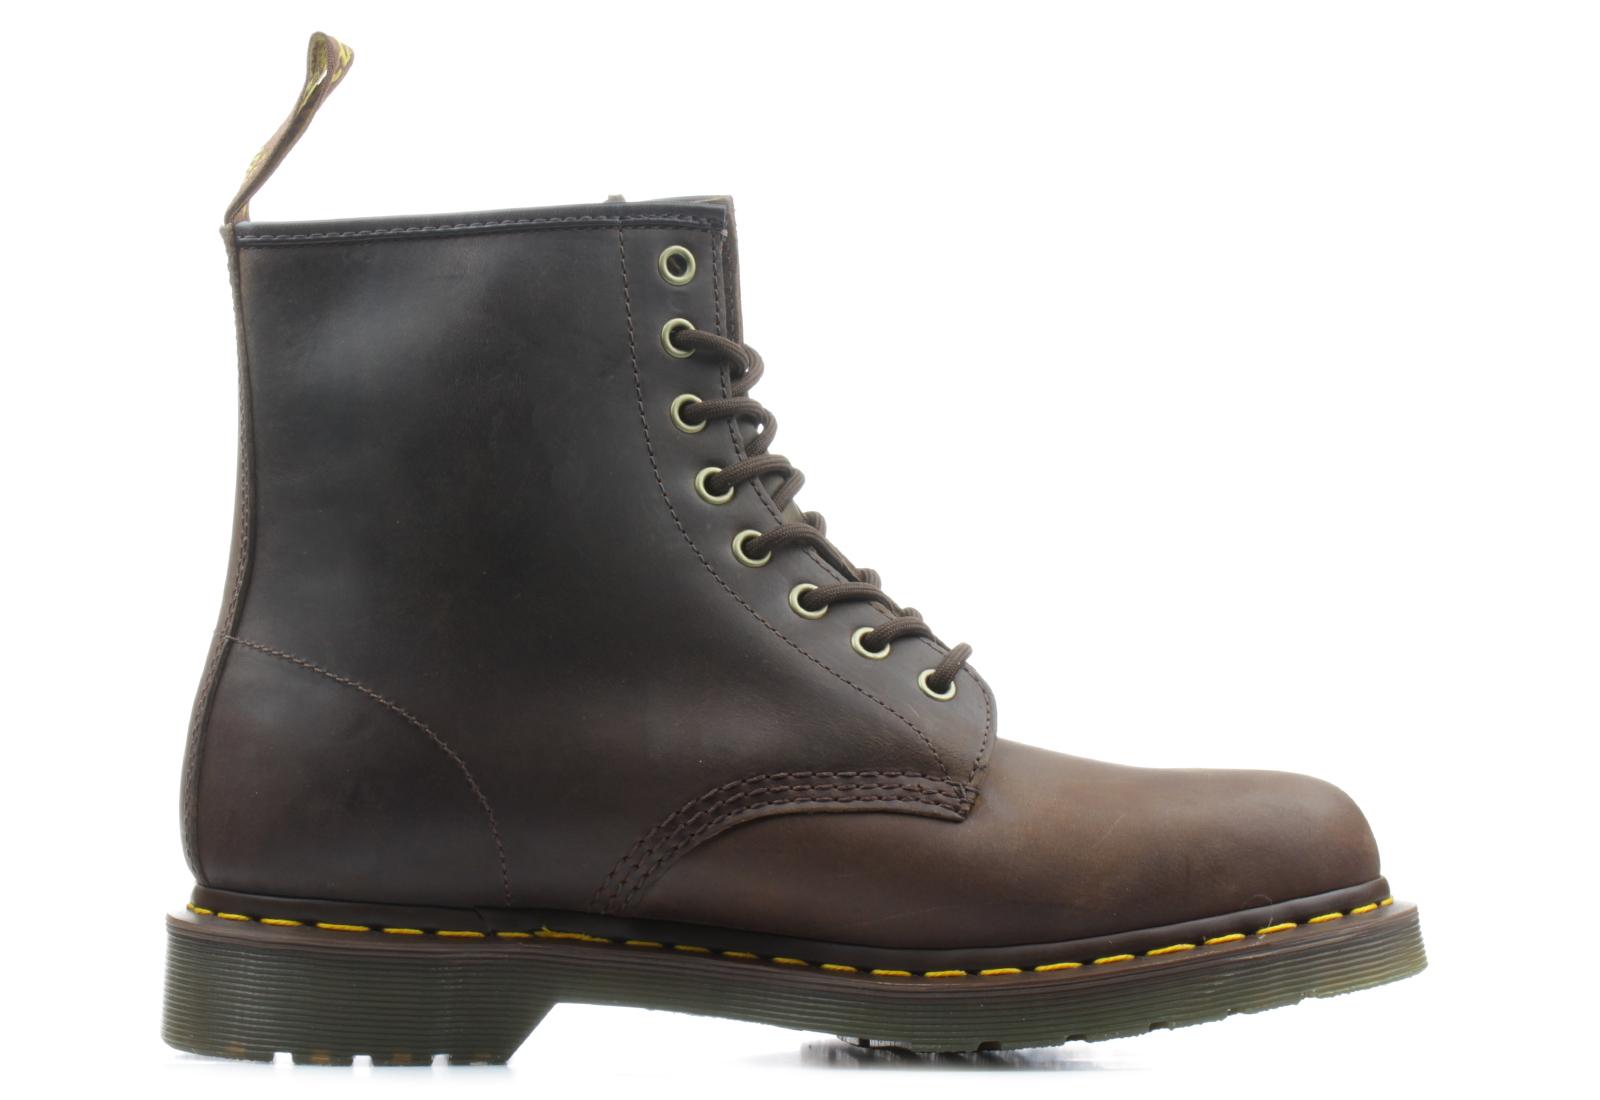 Dr Martens Boots 1460 8 Eye Boot Dm11822203 Online